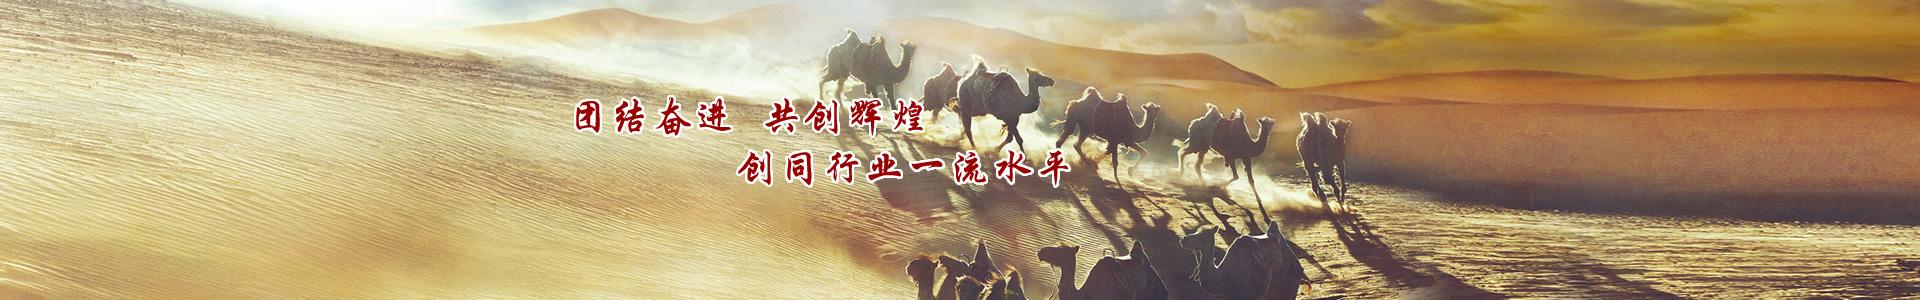 团结奋进,共创辉煌 创同行业一流shui平